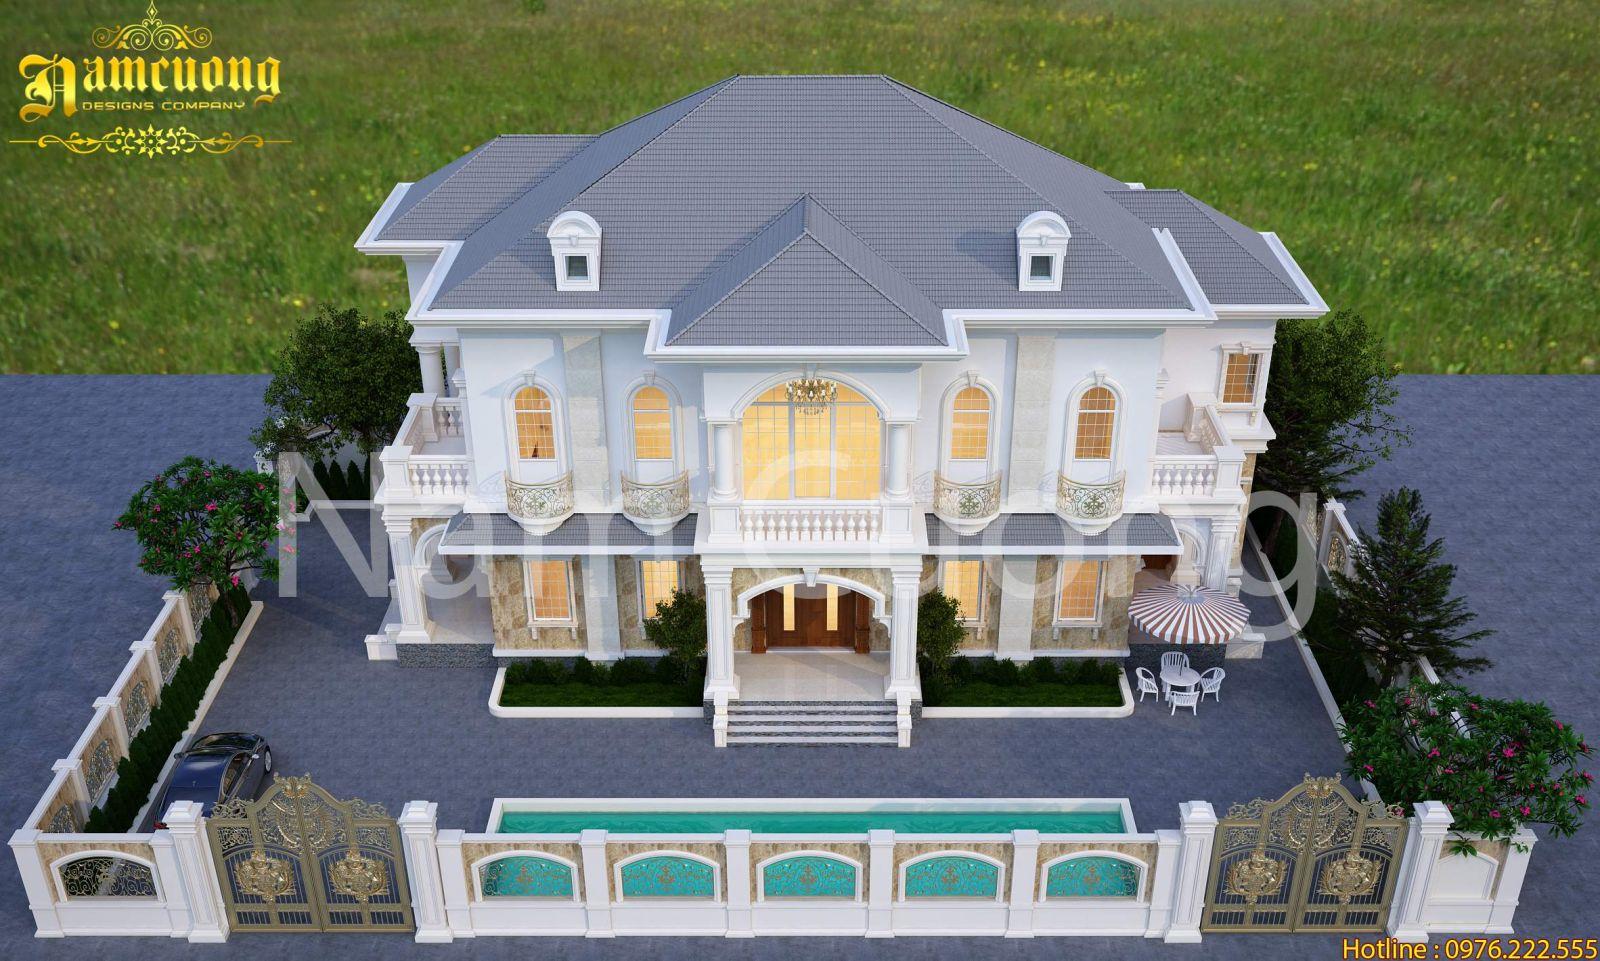 Biệt thự tân cổ điển - tinh hoa của phong cách cổ điển và hiện đại